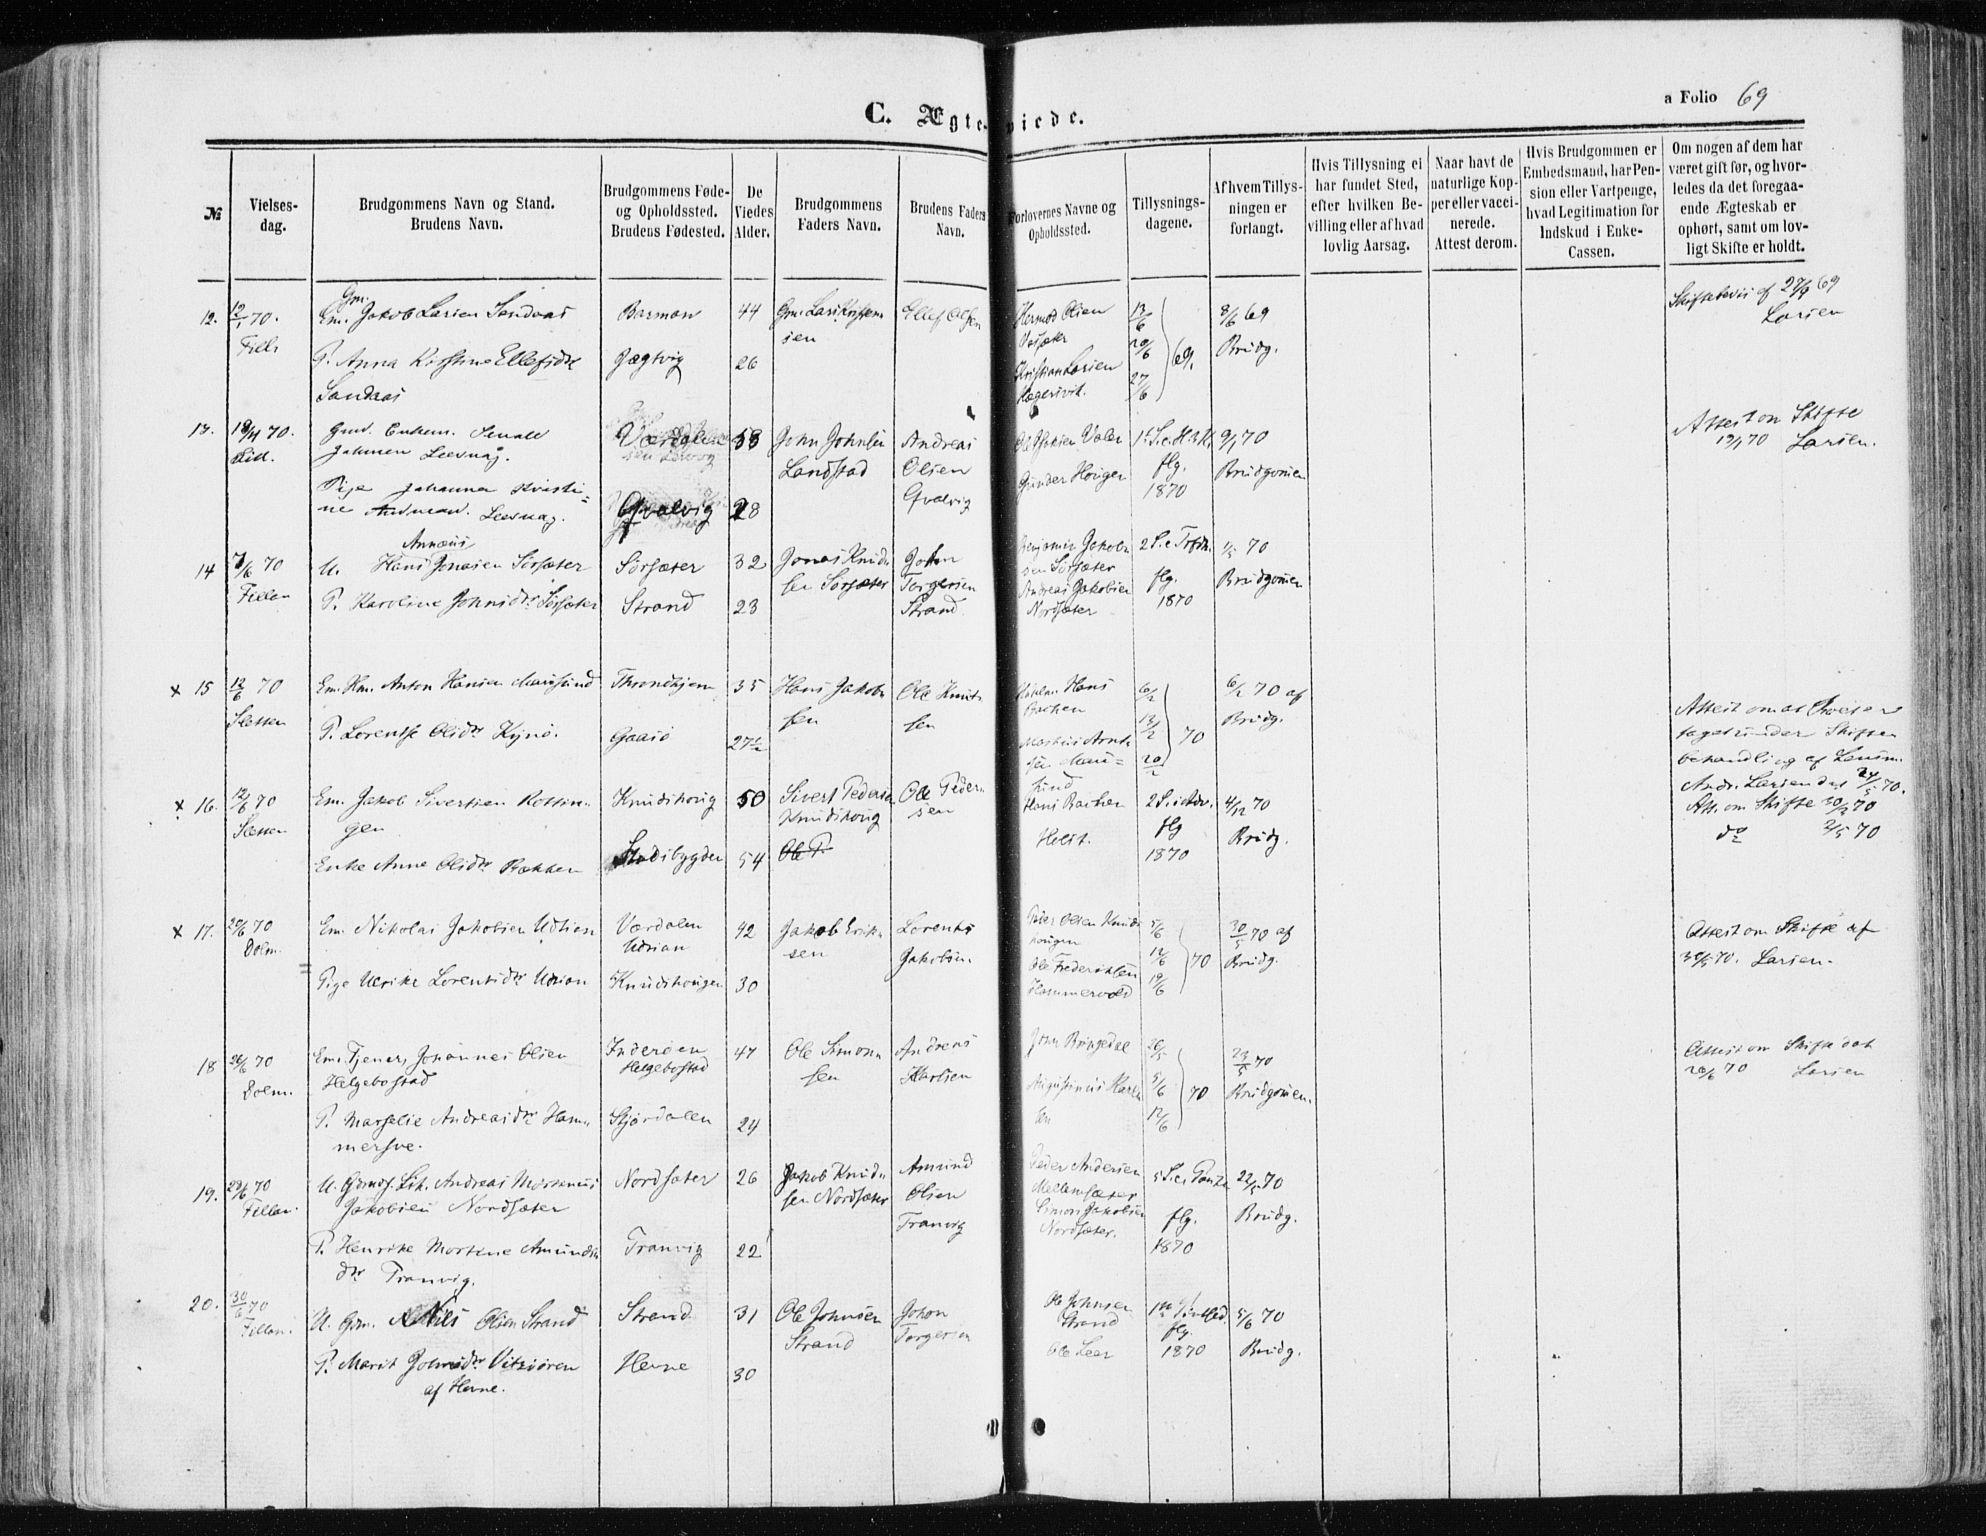 SAT, Ministerialprotokoller, klokkerbøker og fødselsregistre - Sør-Trøndelag, 634/L0531: Ministerialbok nr. 634A07, 1861-1870, s. 69